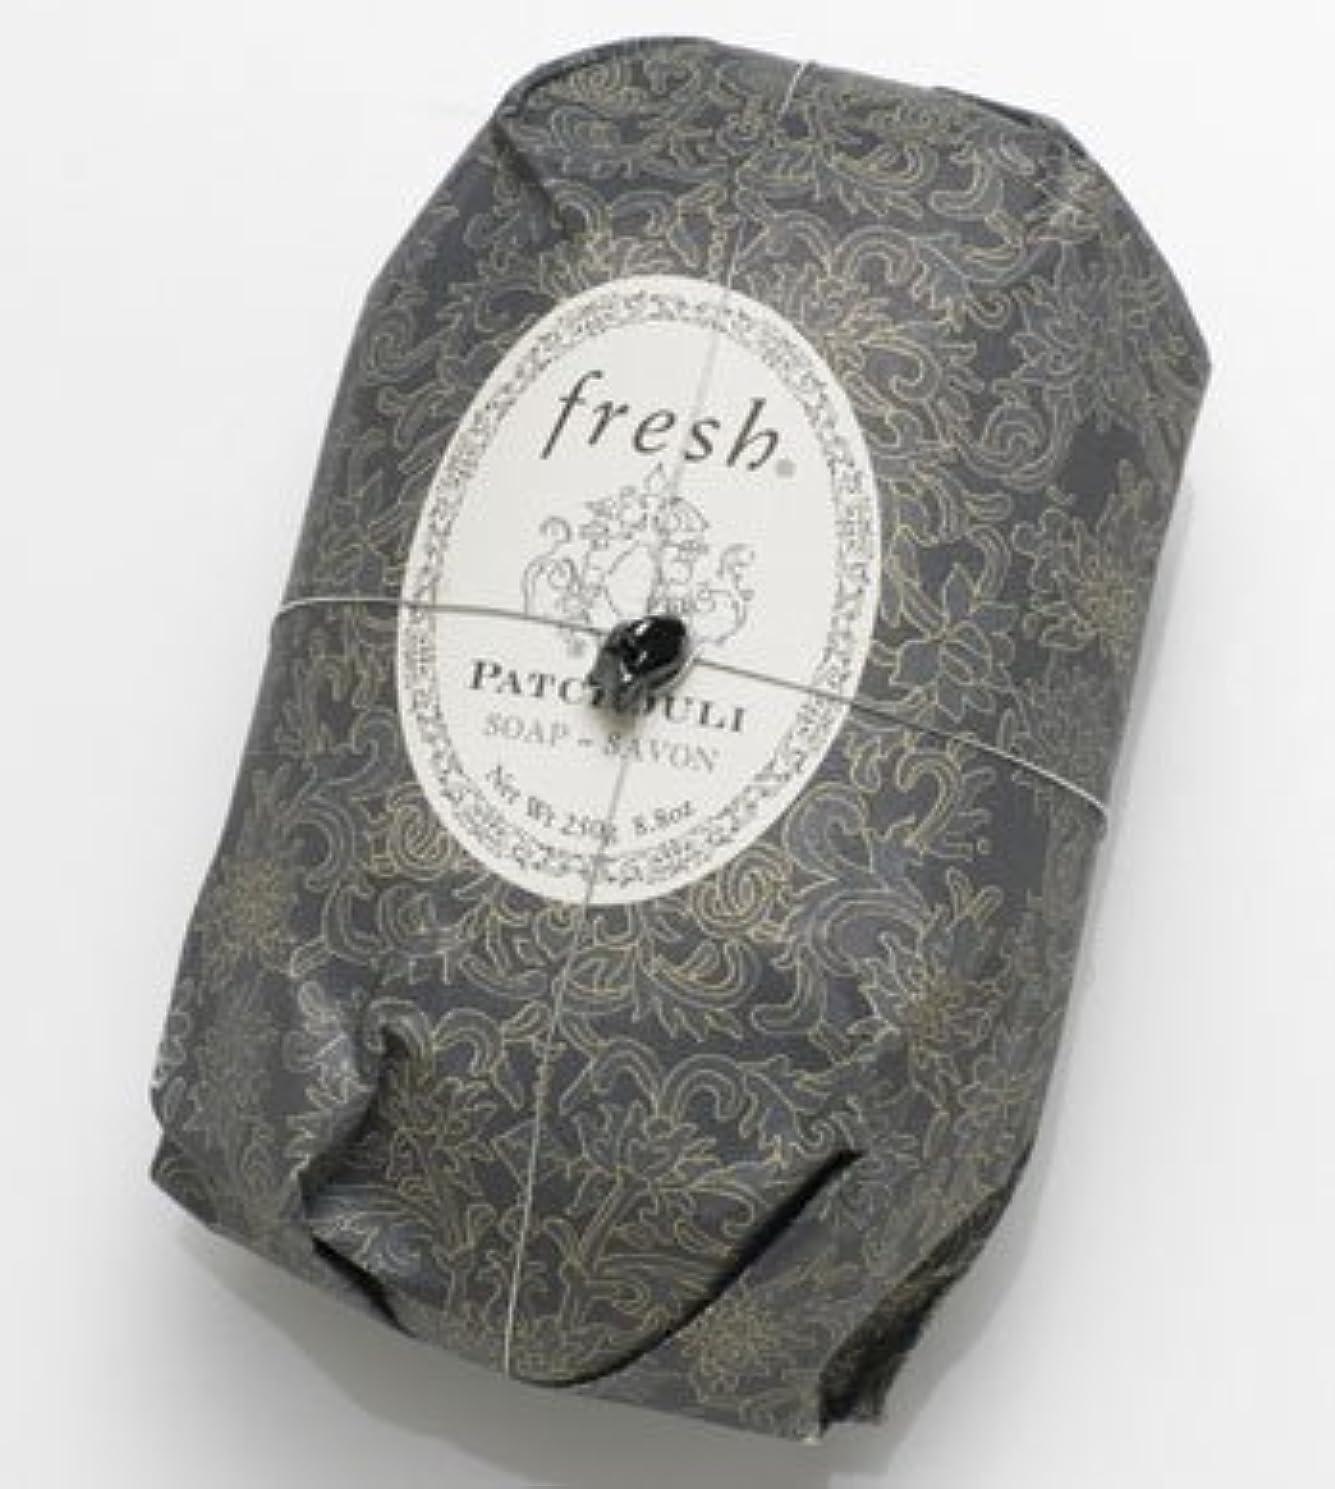 反逆者釈義メーカーFresh PATCHOULI SOAP (フレッシュ パチョリ ソープ) 8.8 oz (250g) Soap (石鹸) by Fresh